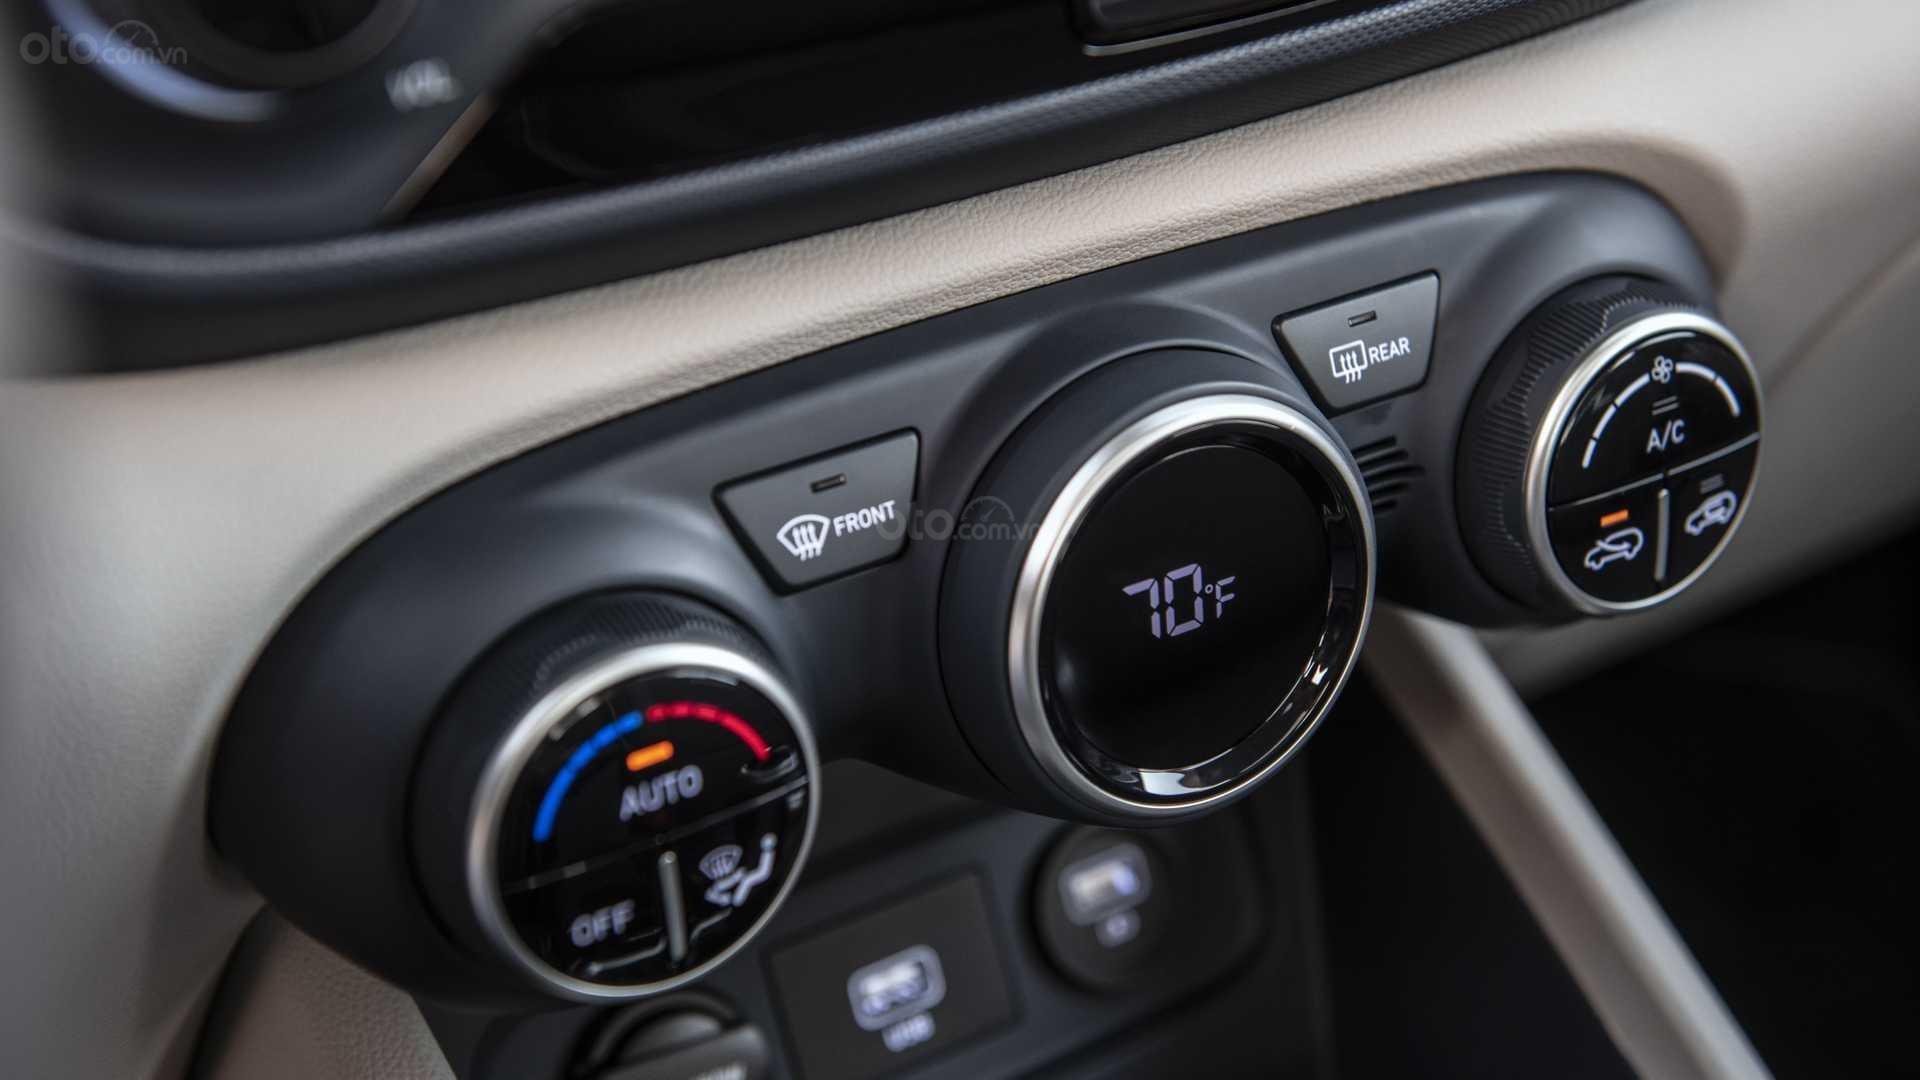 Đánh giá xe Hyundai Venue 2020 - núm điều khiển chức năng